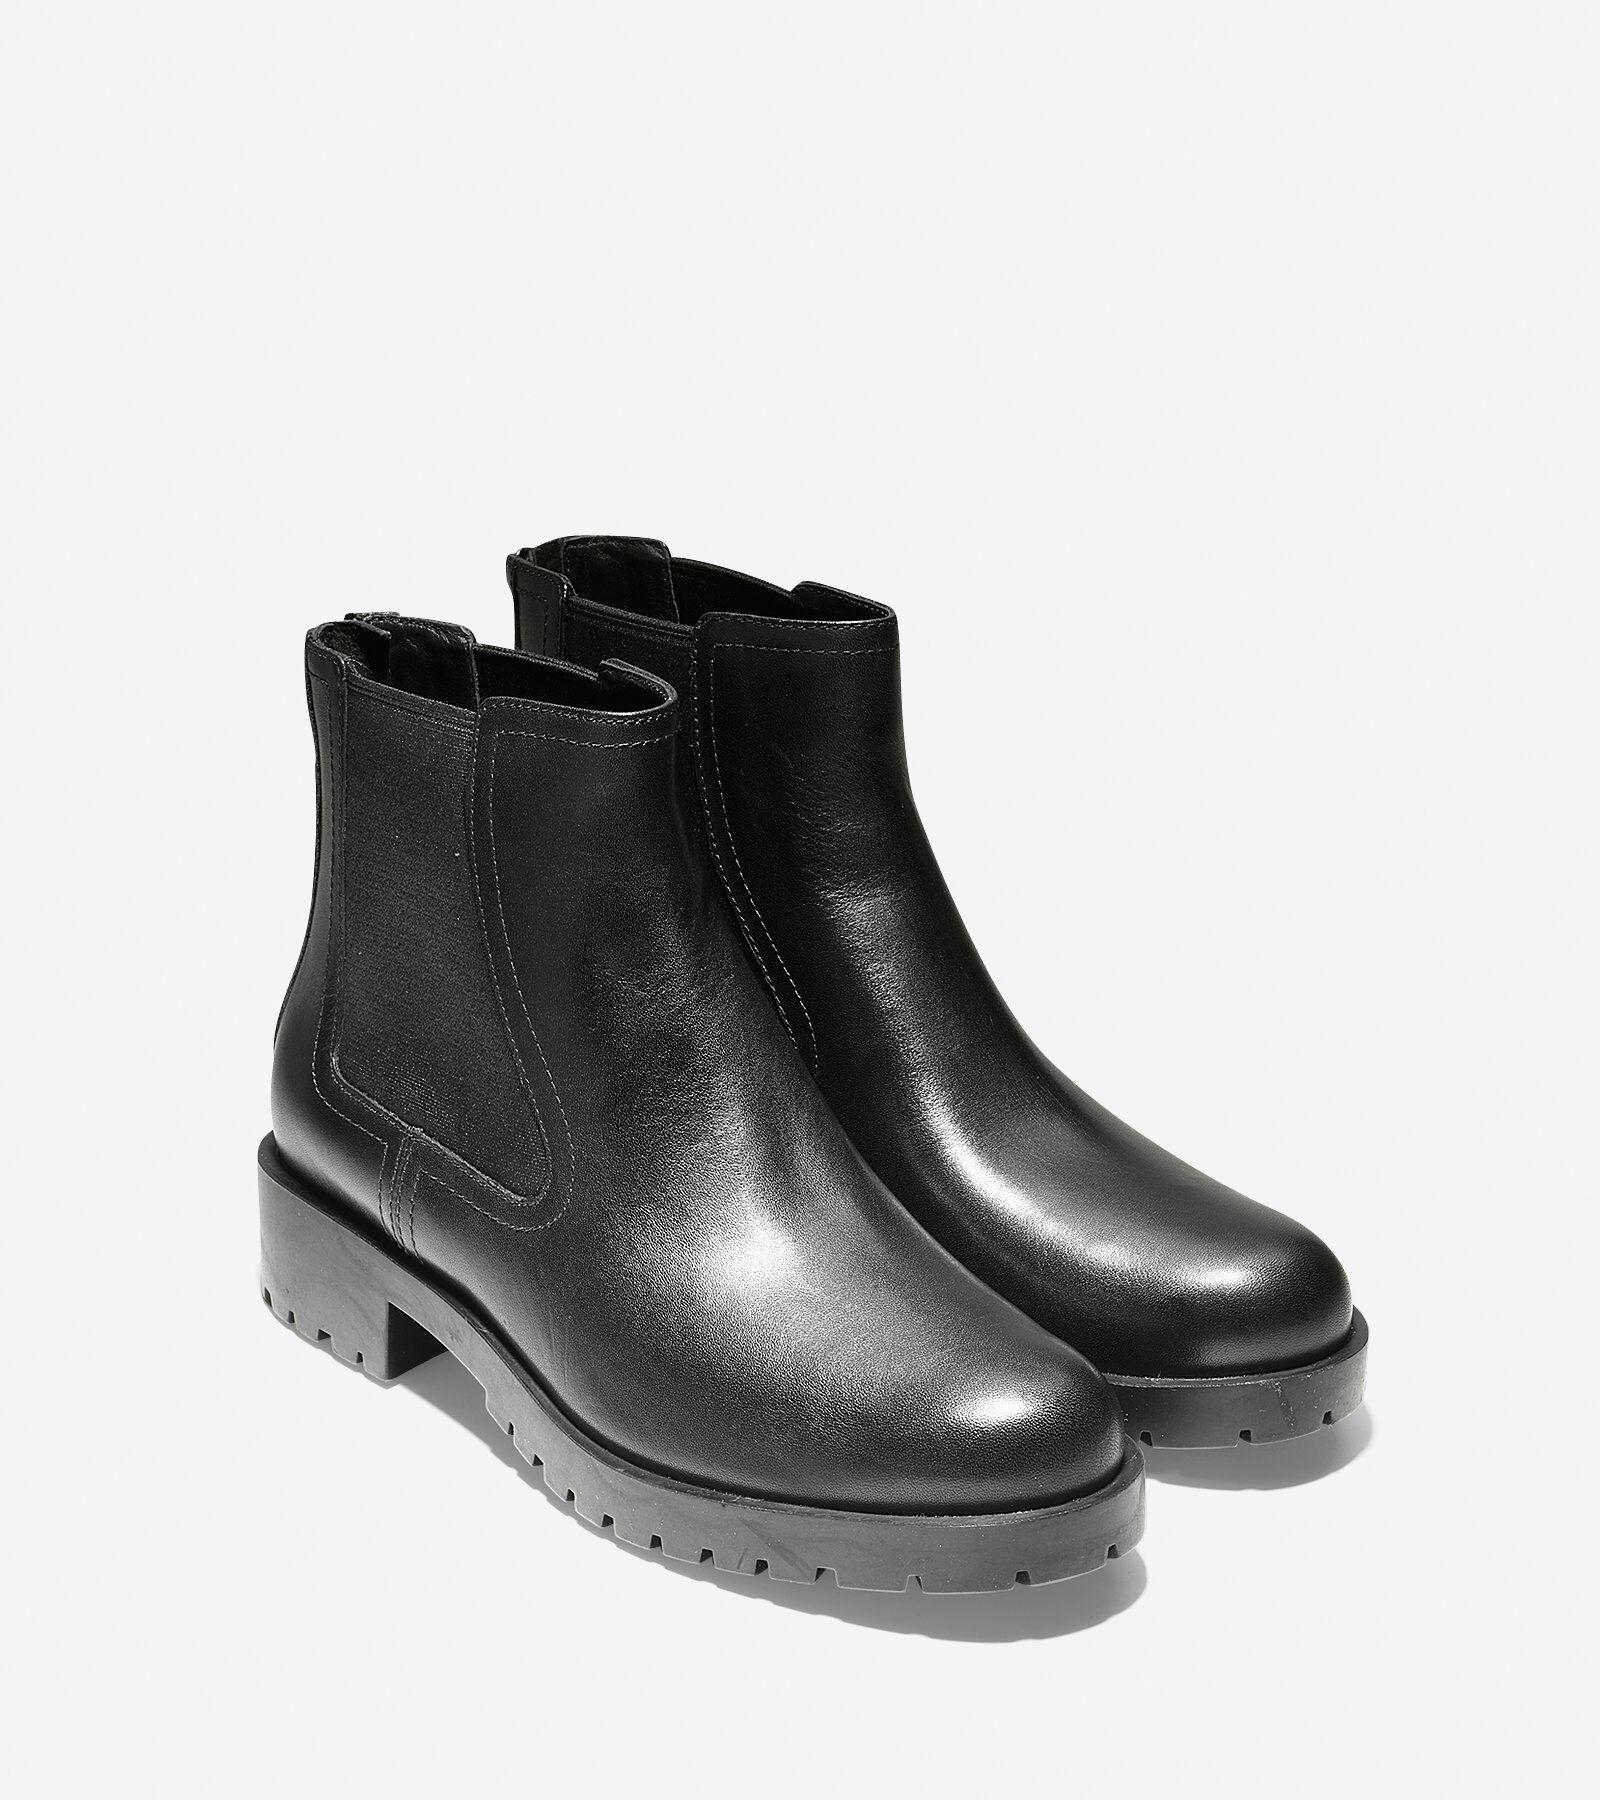 Cole Haan Women's Stanton Weatherproof Chelsea Boot vryHyul